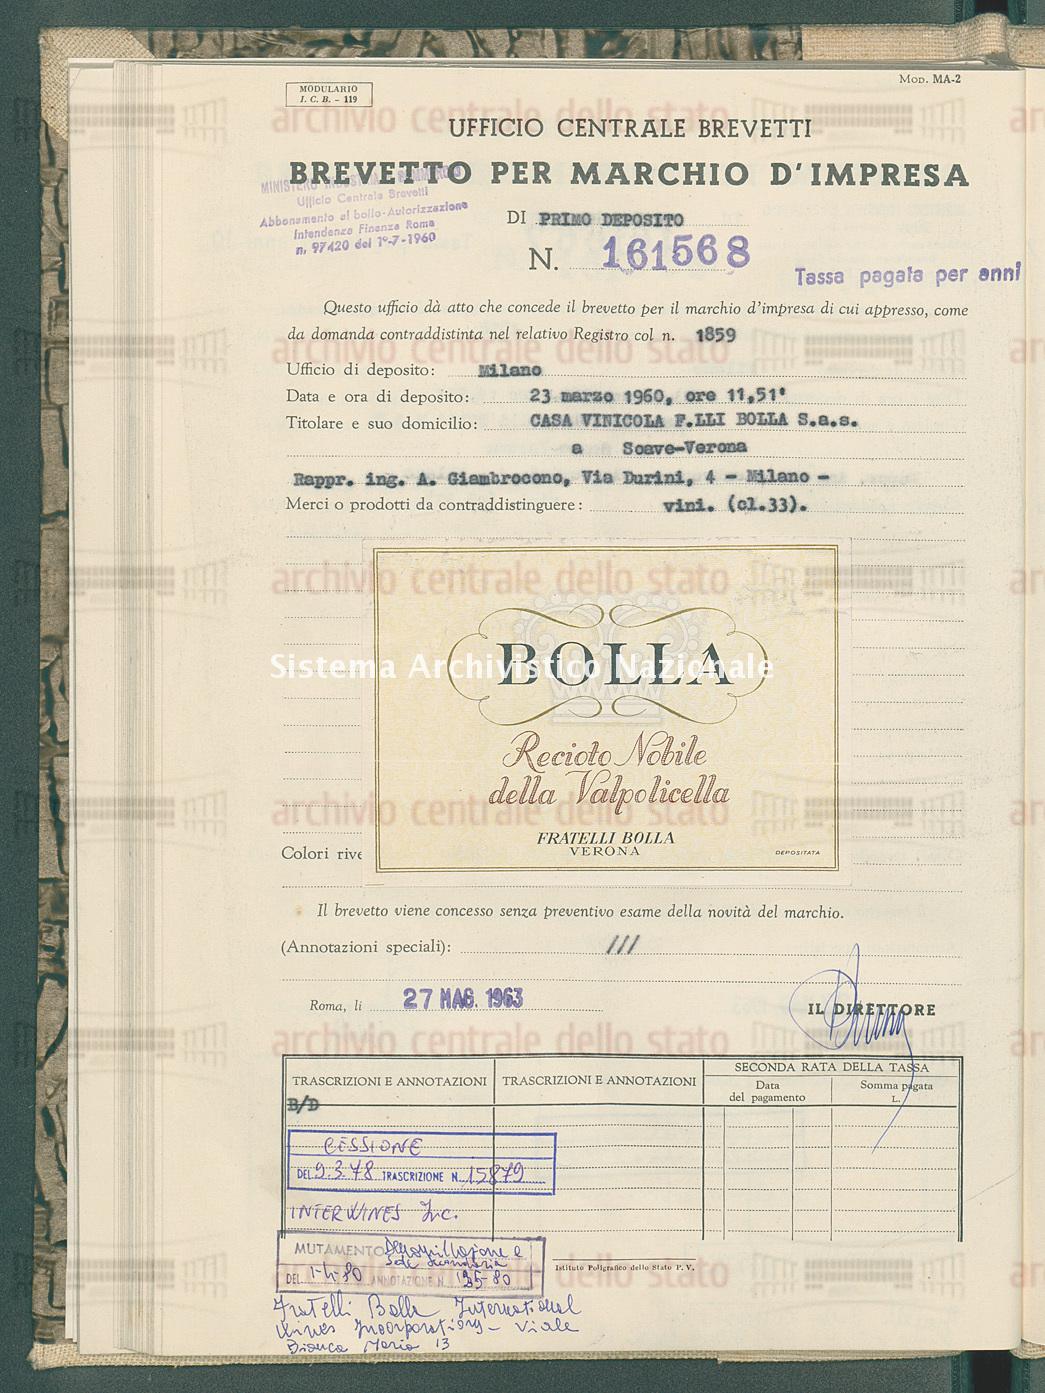 Vini Casa Vinicola F.Lli Bolla S.A.S. (27/05/1963)